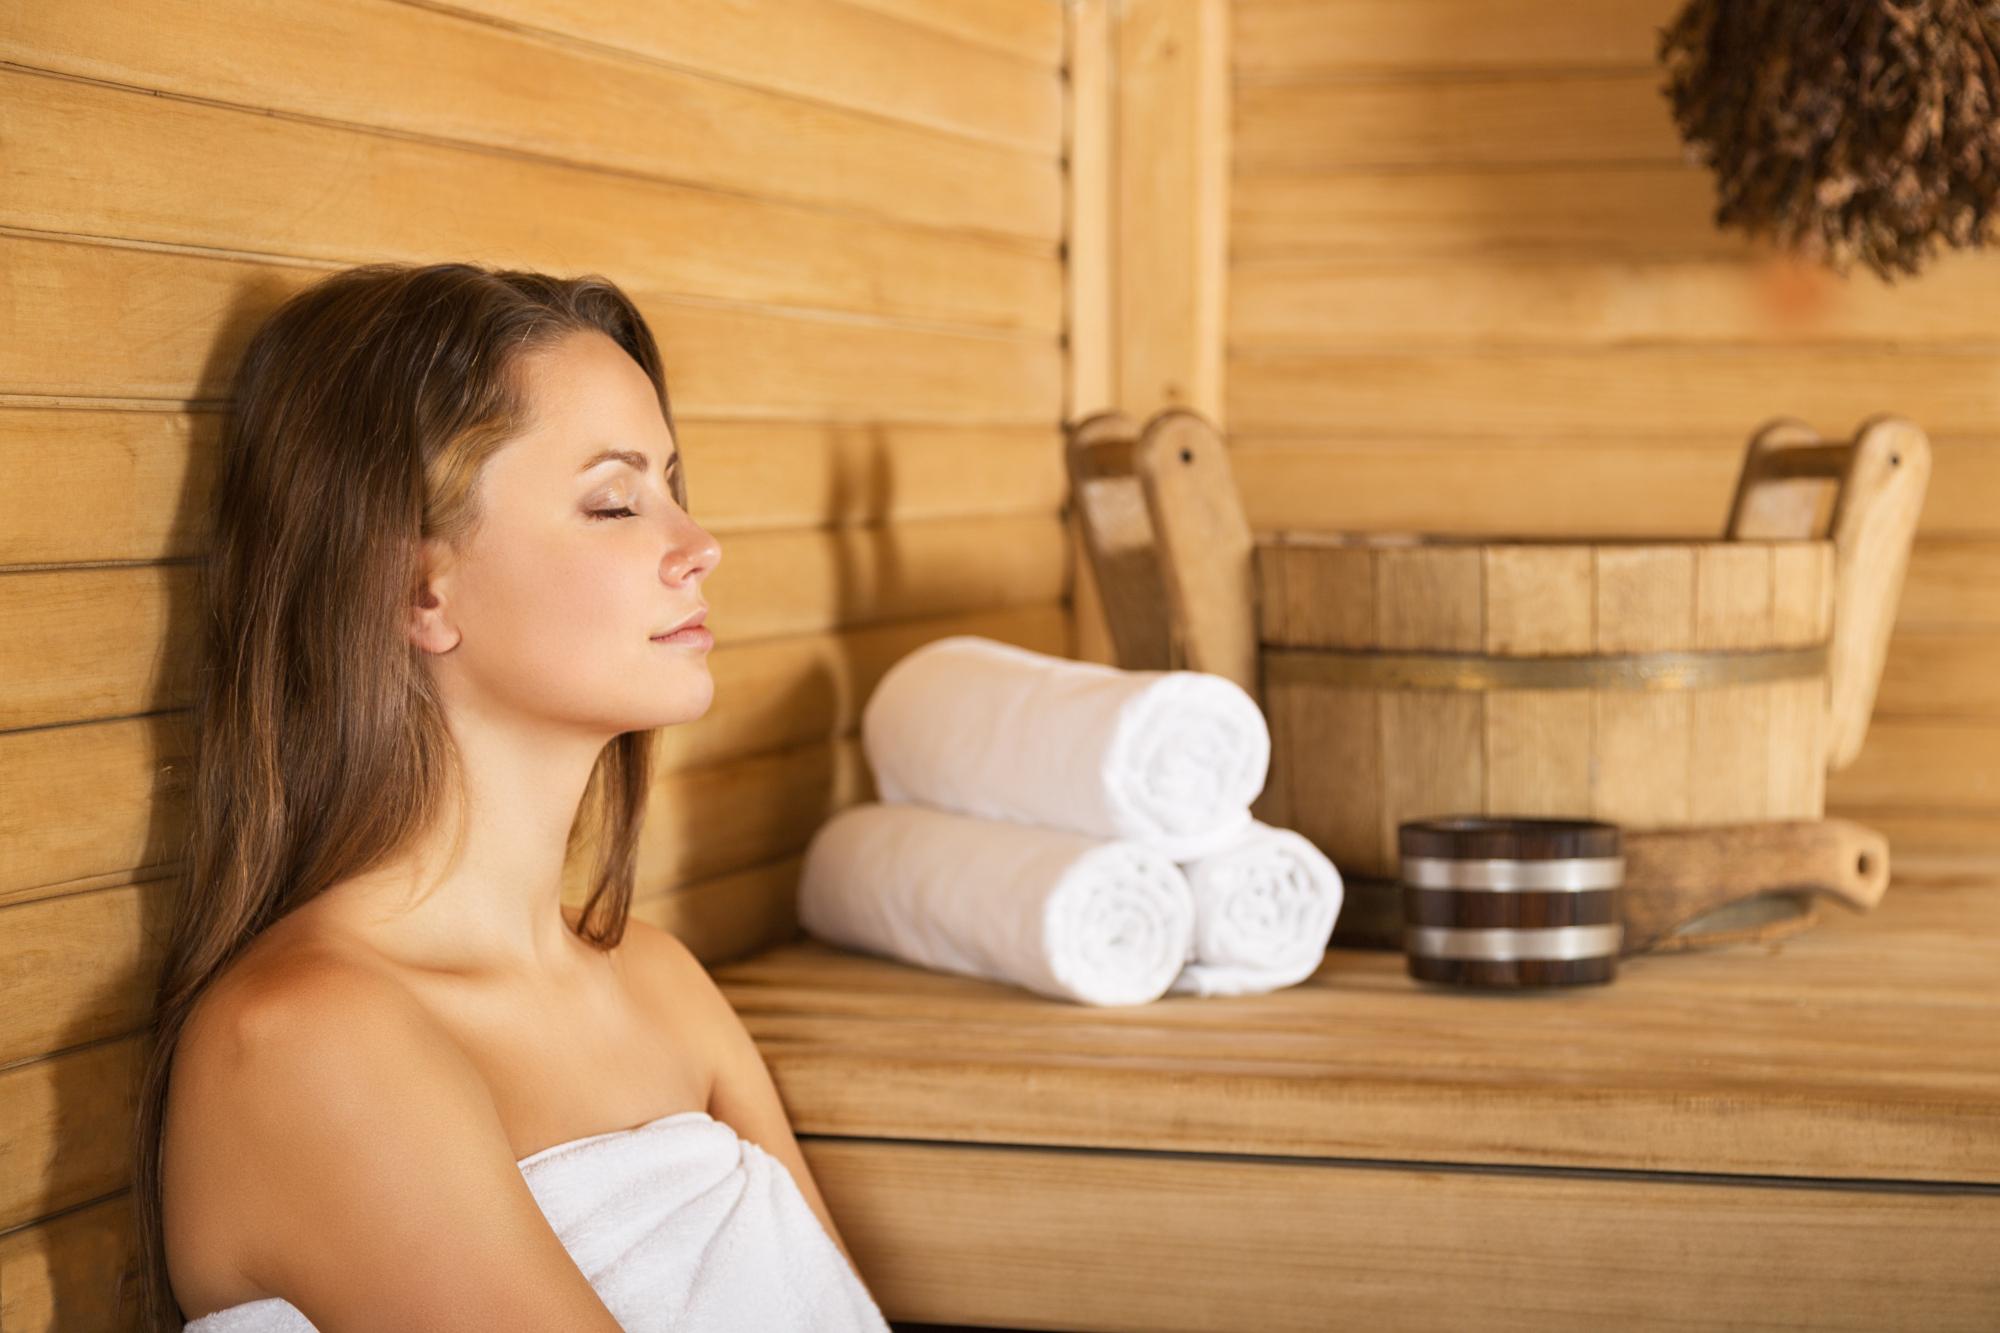 Sauna Dämmung - Welches ist das richtige Dämmmaterial?